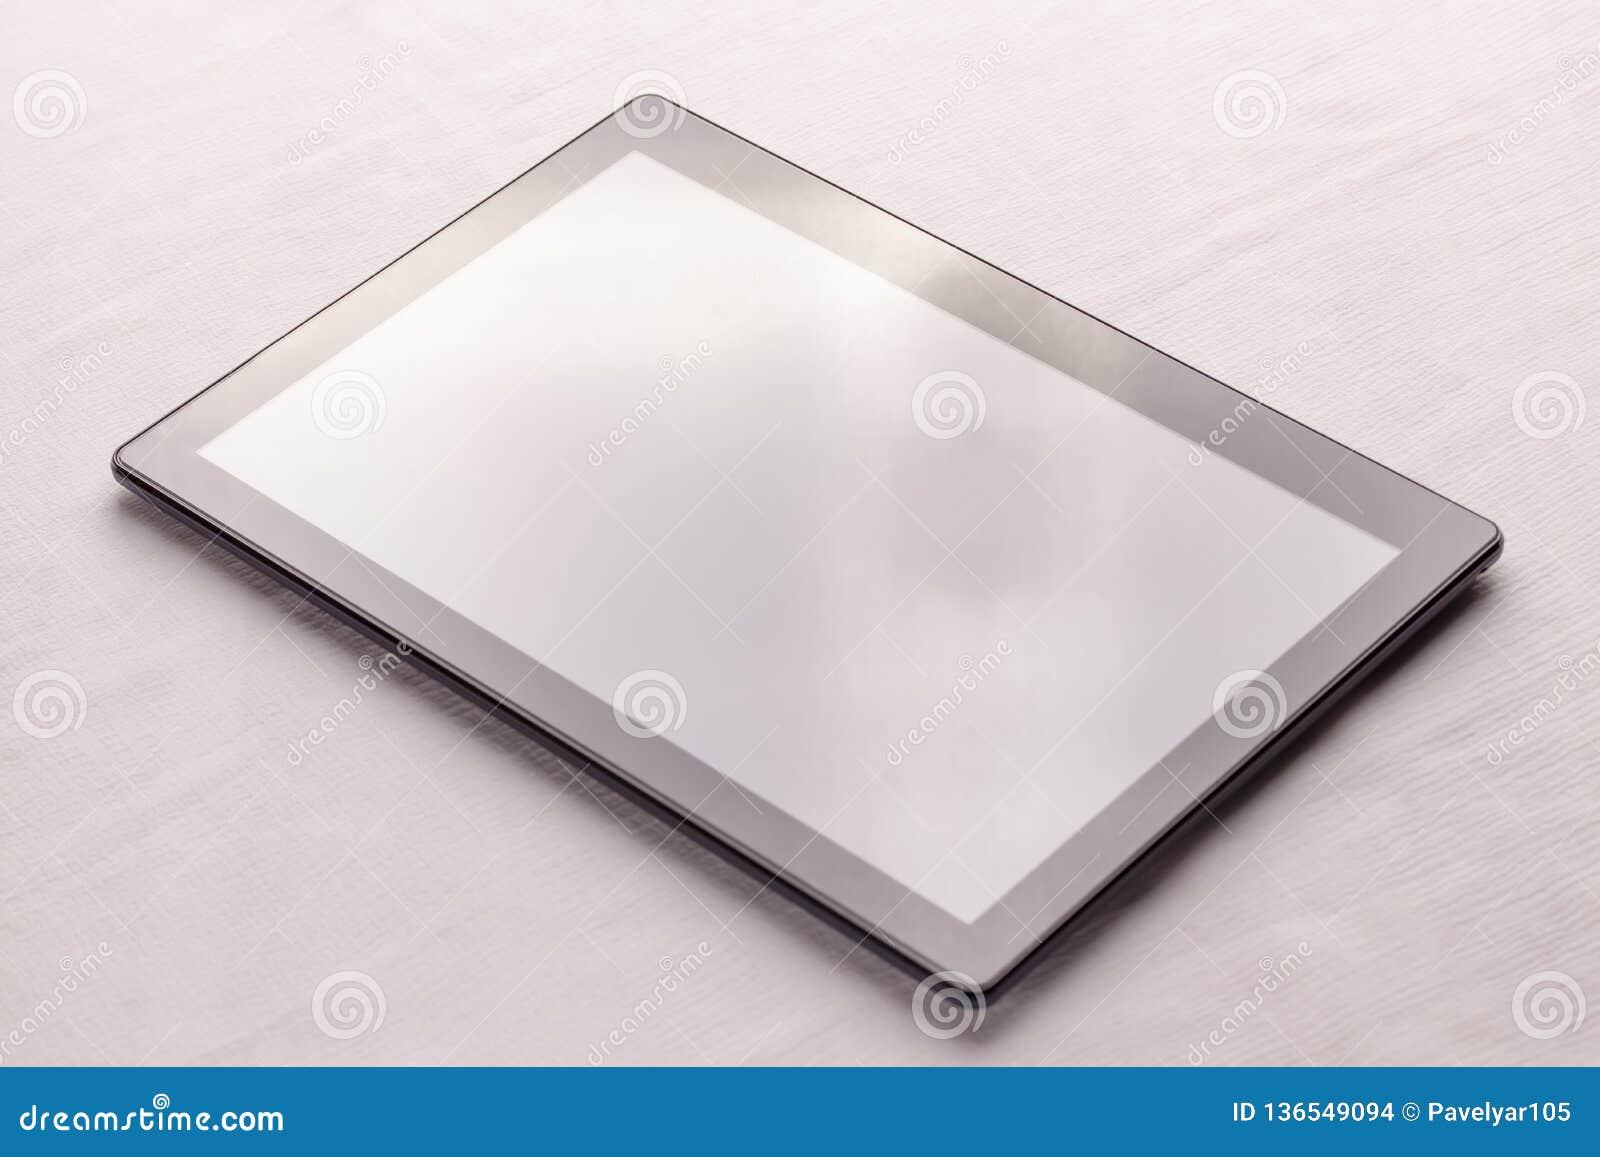 Μαύρη ψηφιακή ταμπλέτα στο άσπρο ύφασμα